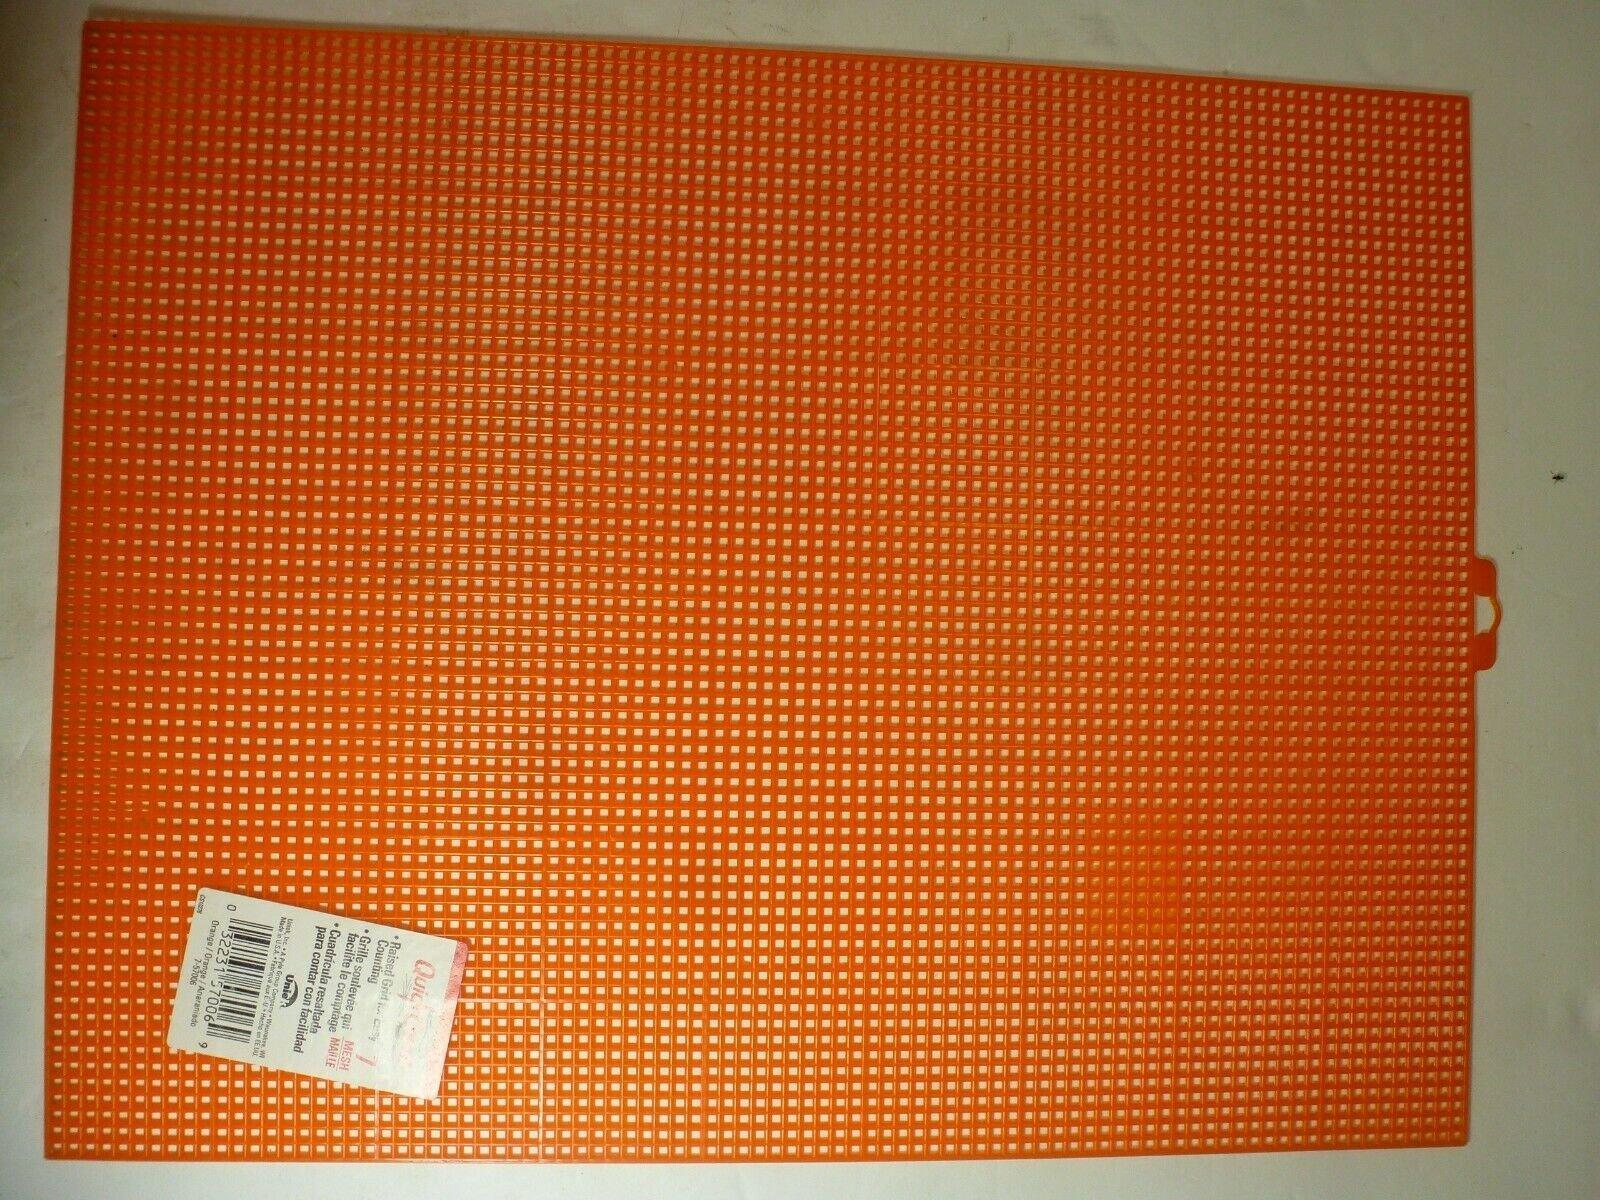 Plastic Canvas 7 mesh 10 1/2 x 13 1/2 Orange